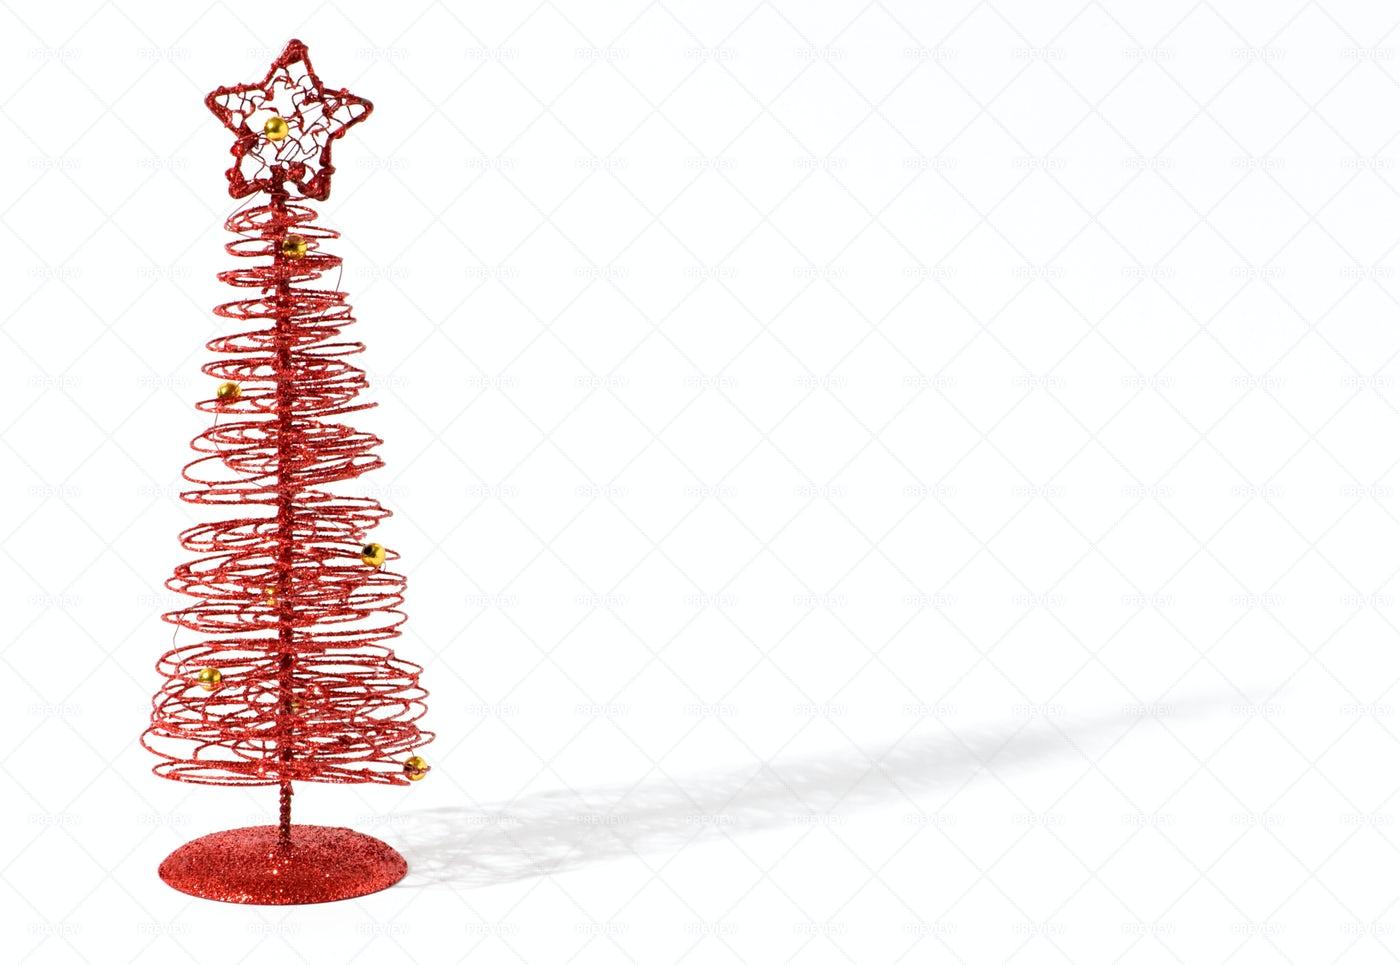 Red Christmas Tree: Stock Photos